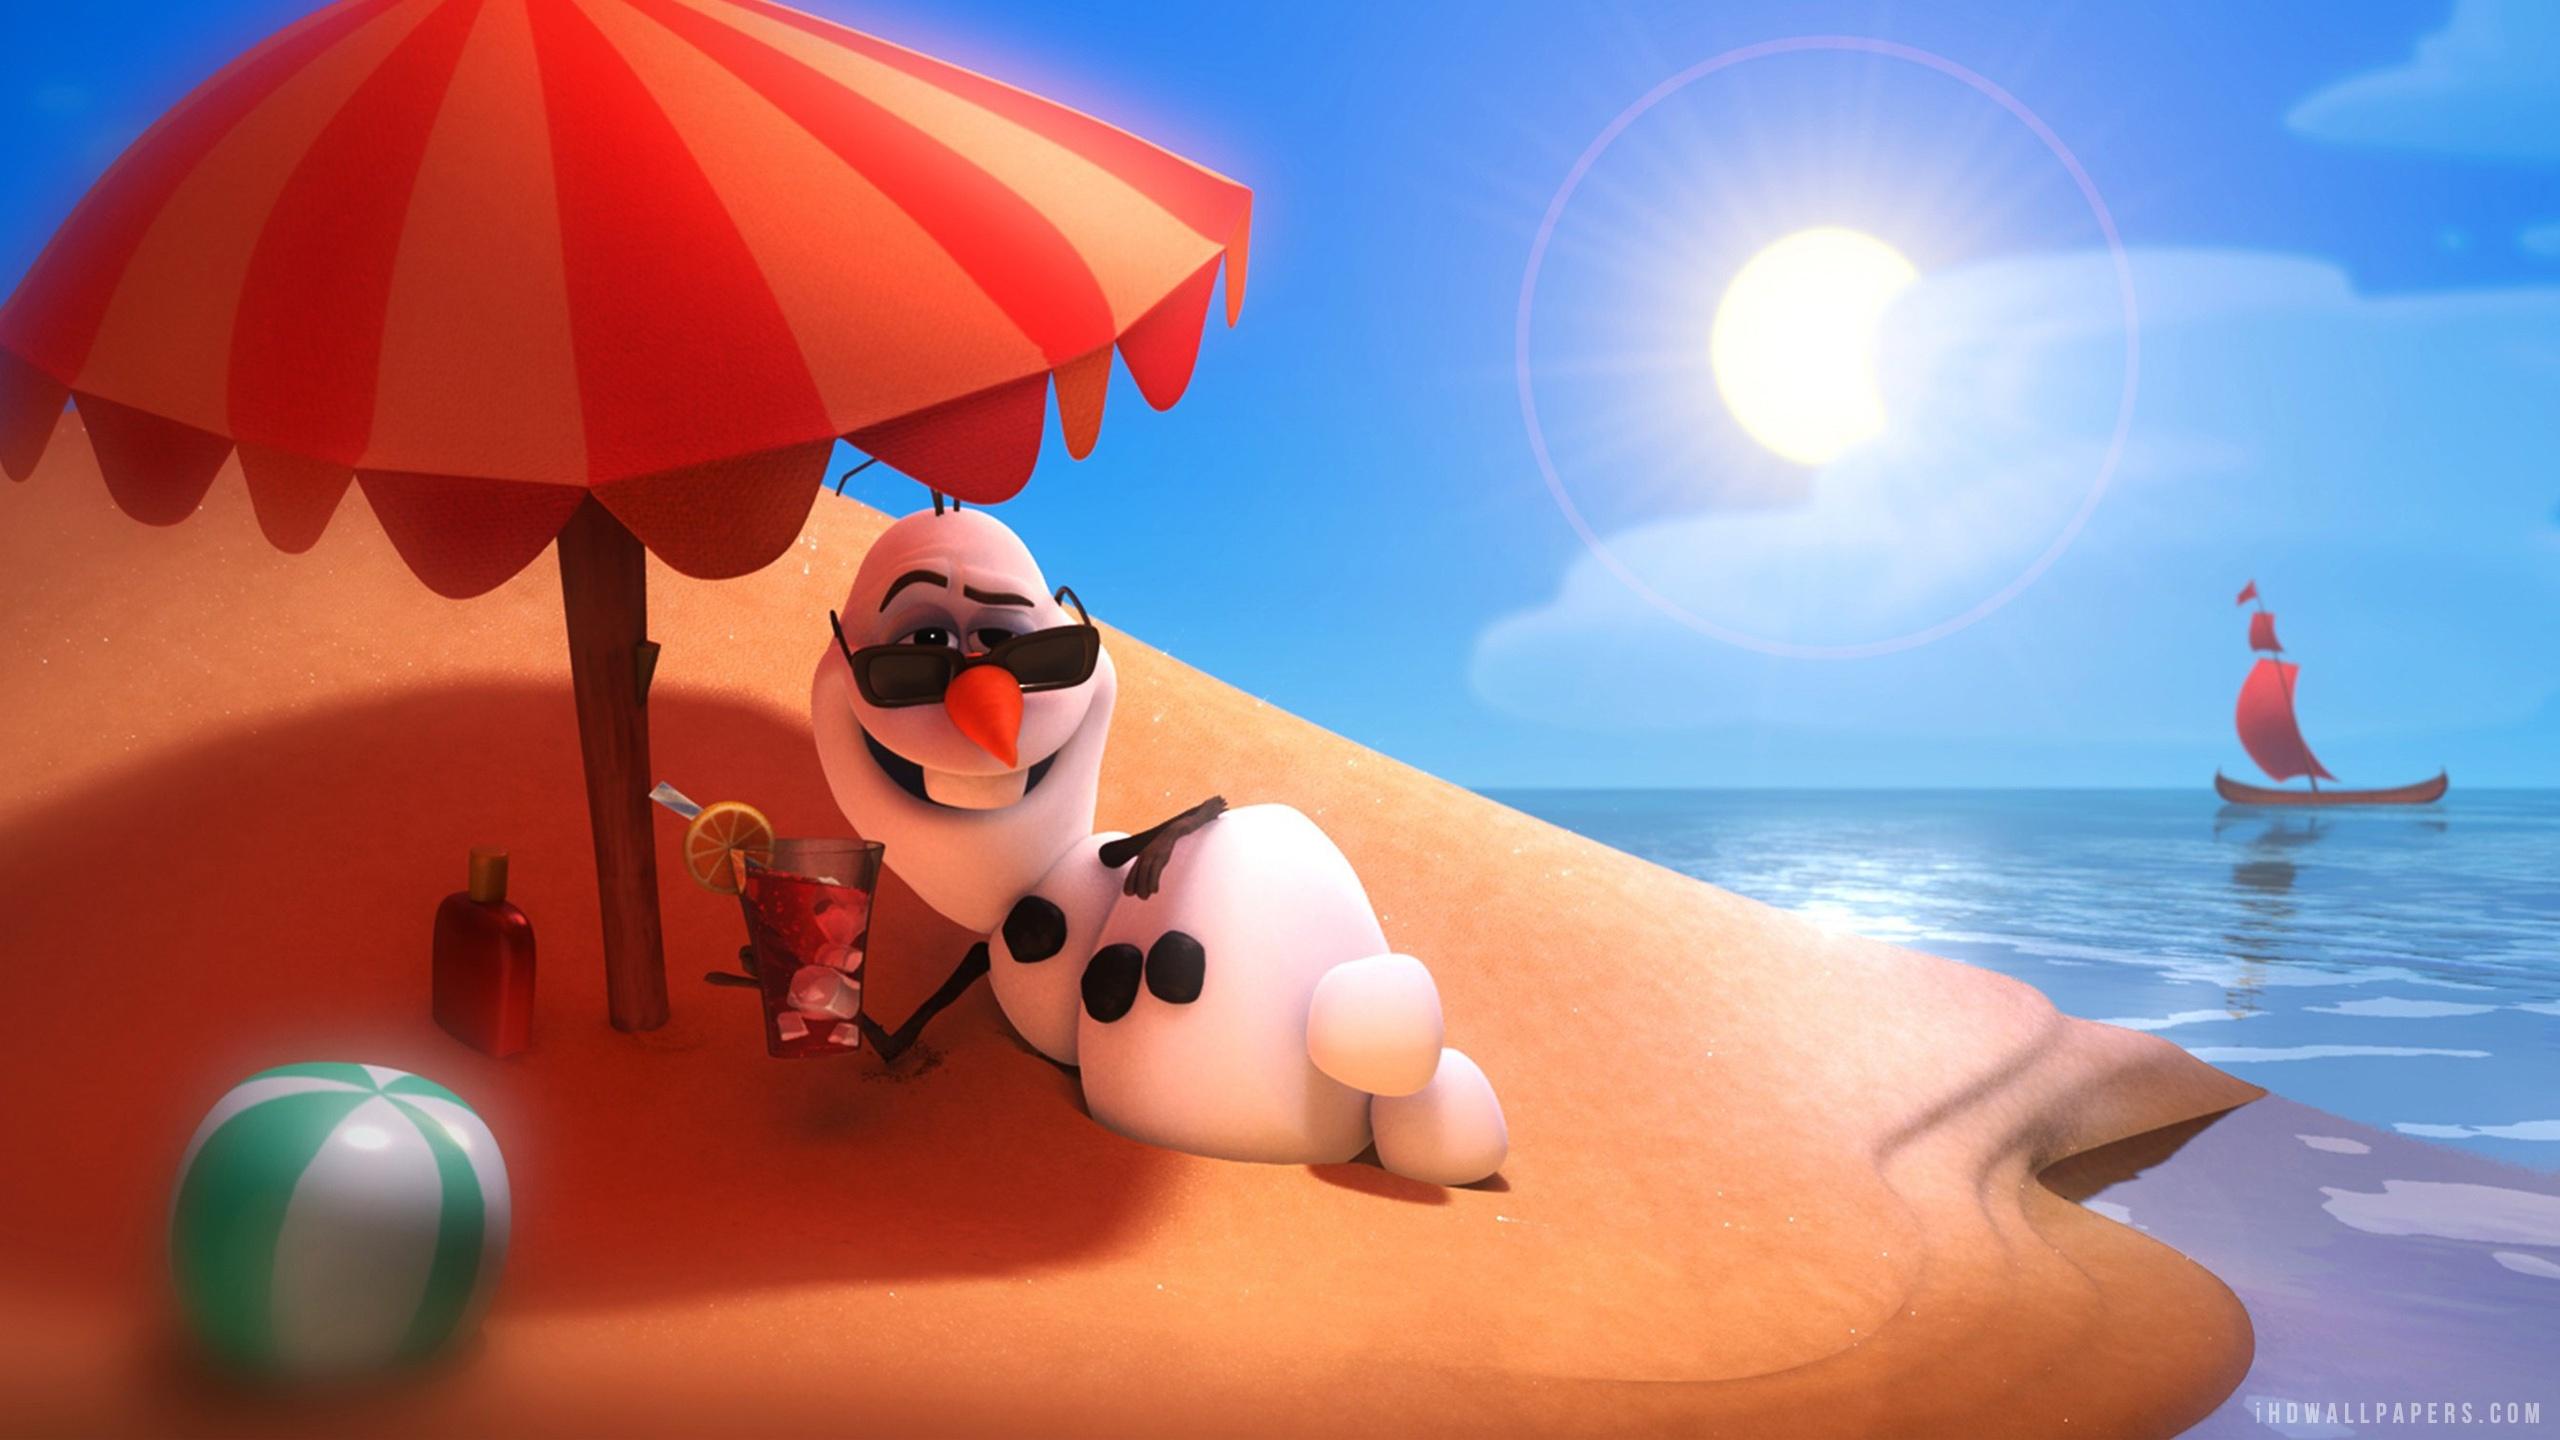 Disney Frozen Olaf Wallpaper 2560x1440